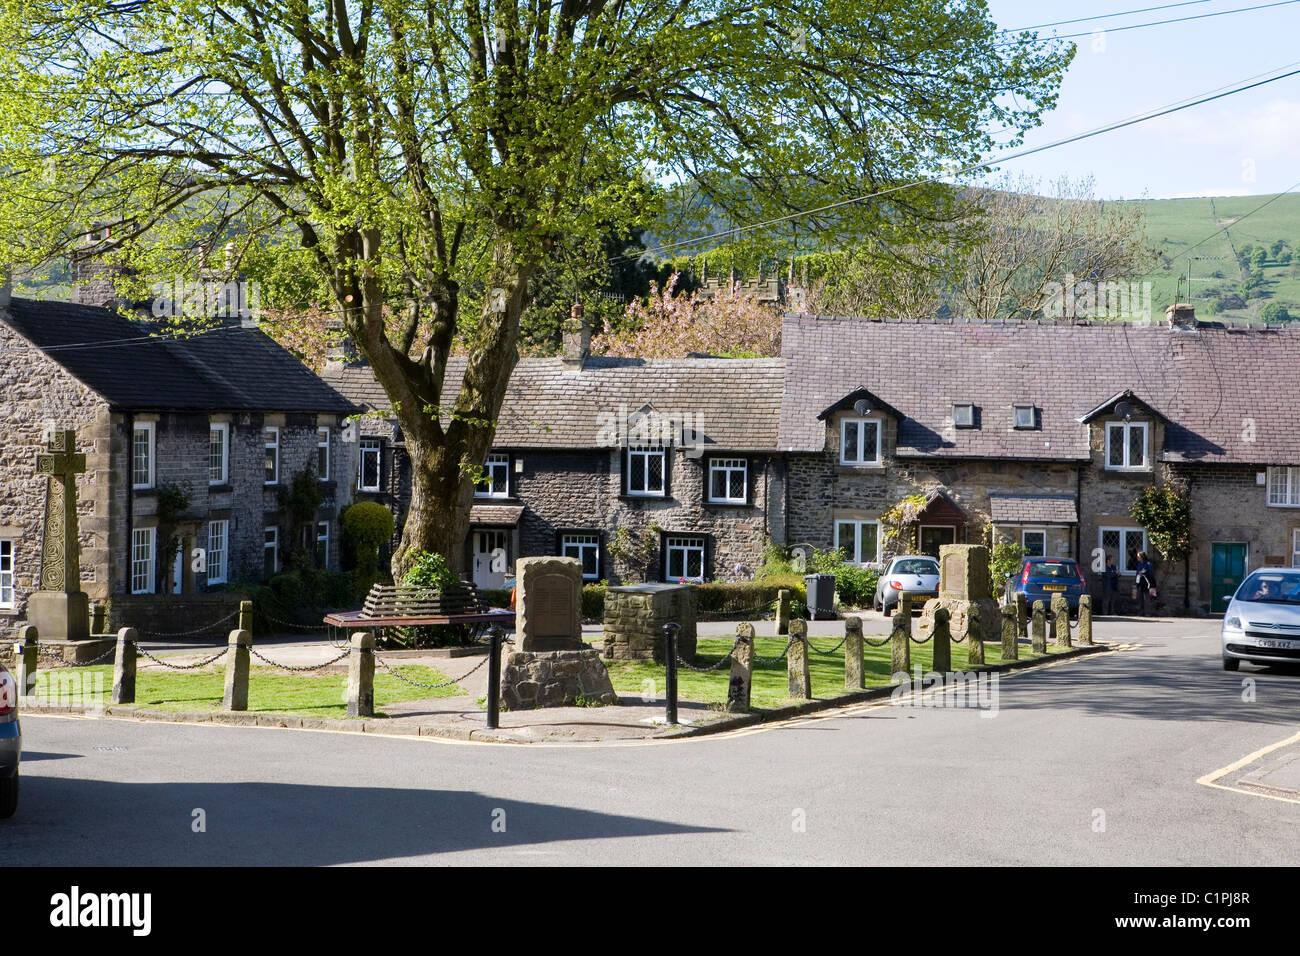 England, Derbyshire, Castleton, Häuser mit Blick auf Marktplatz im Dorf Stockbild